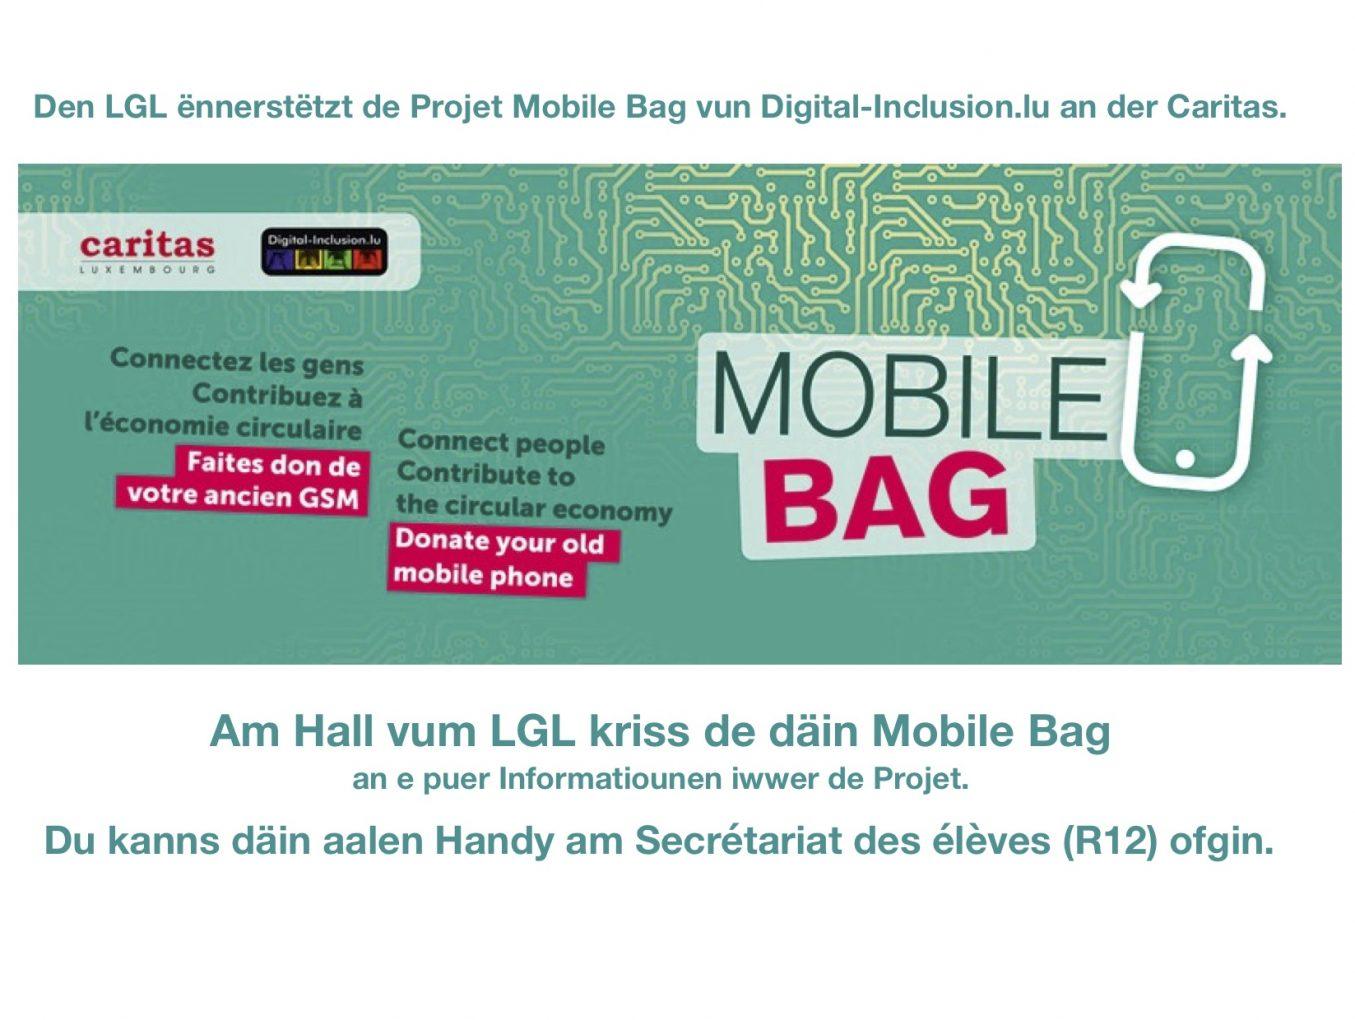 Projet Mobile Bag